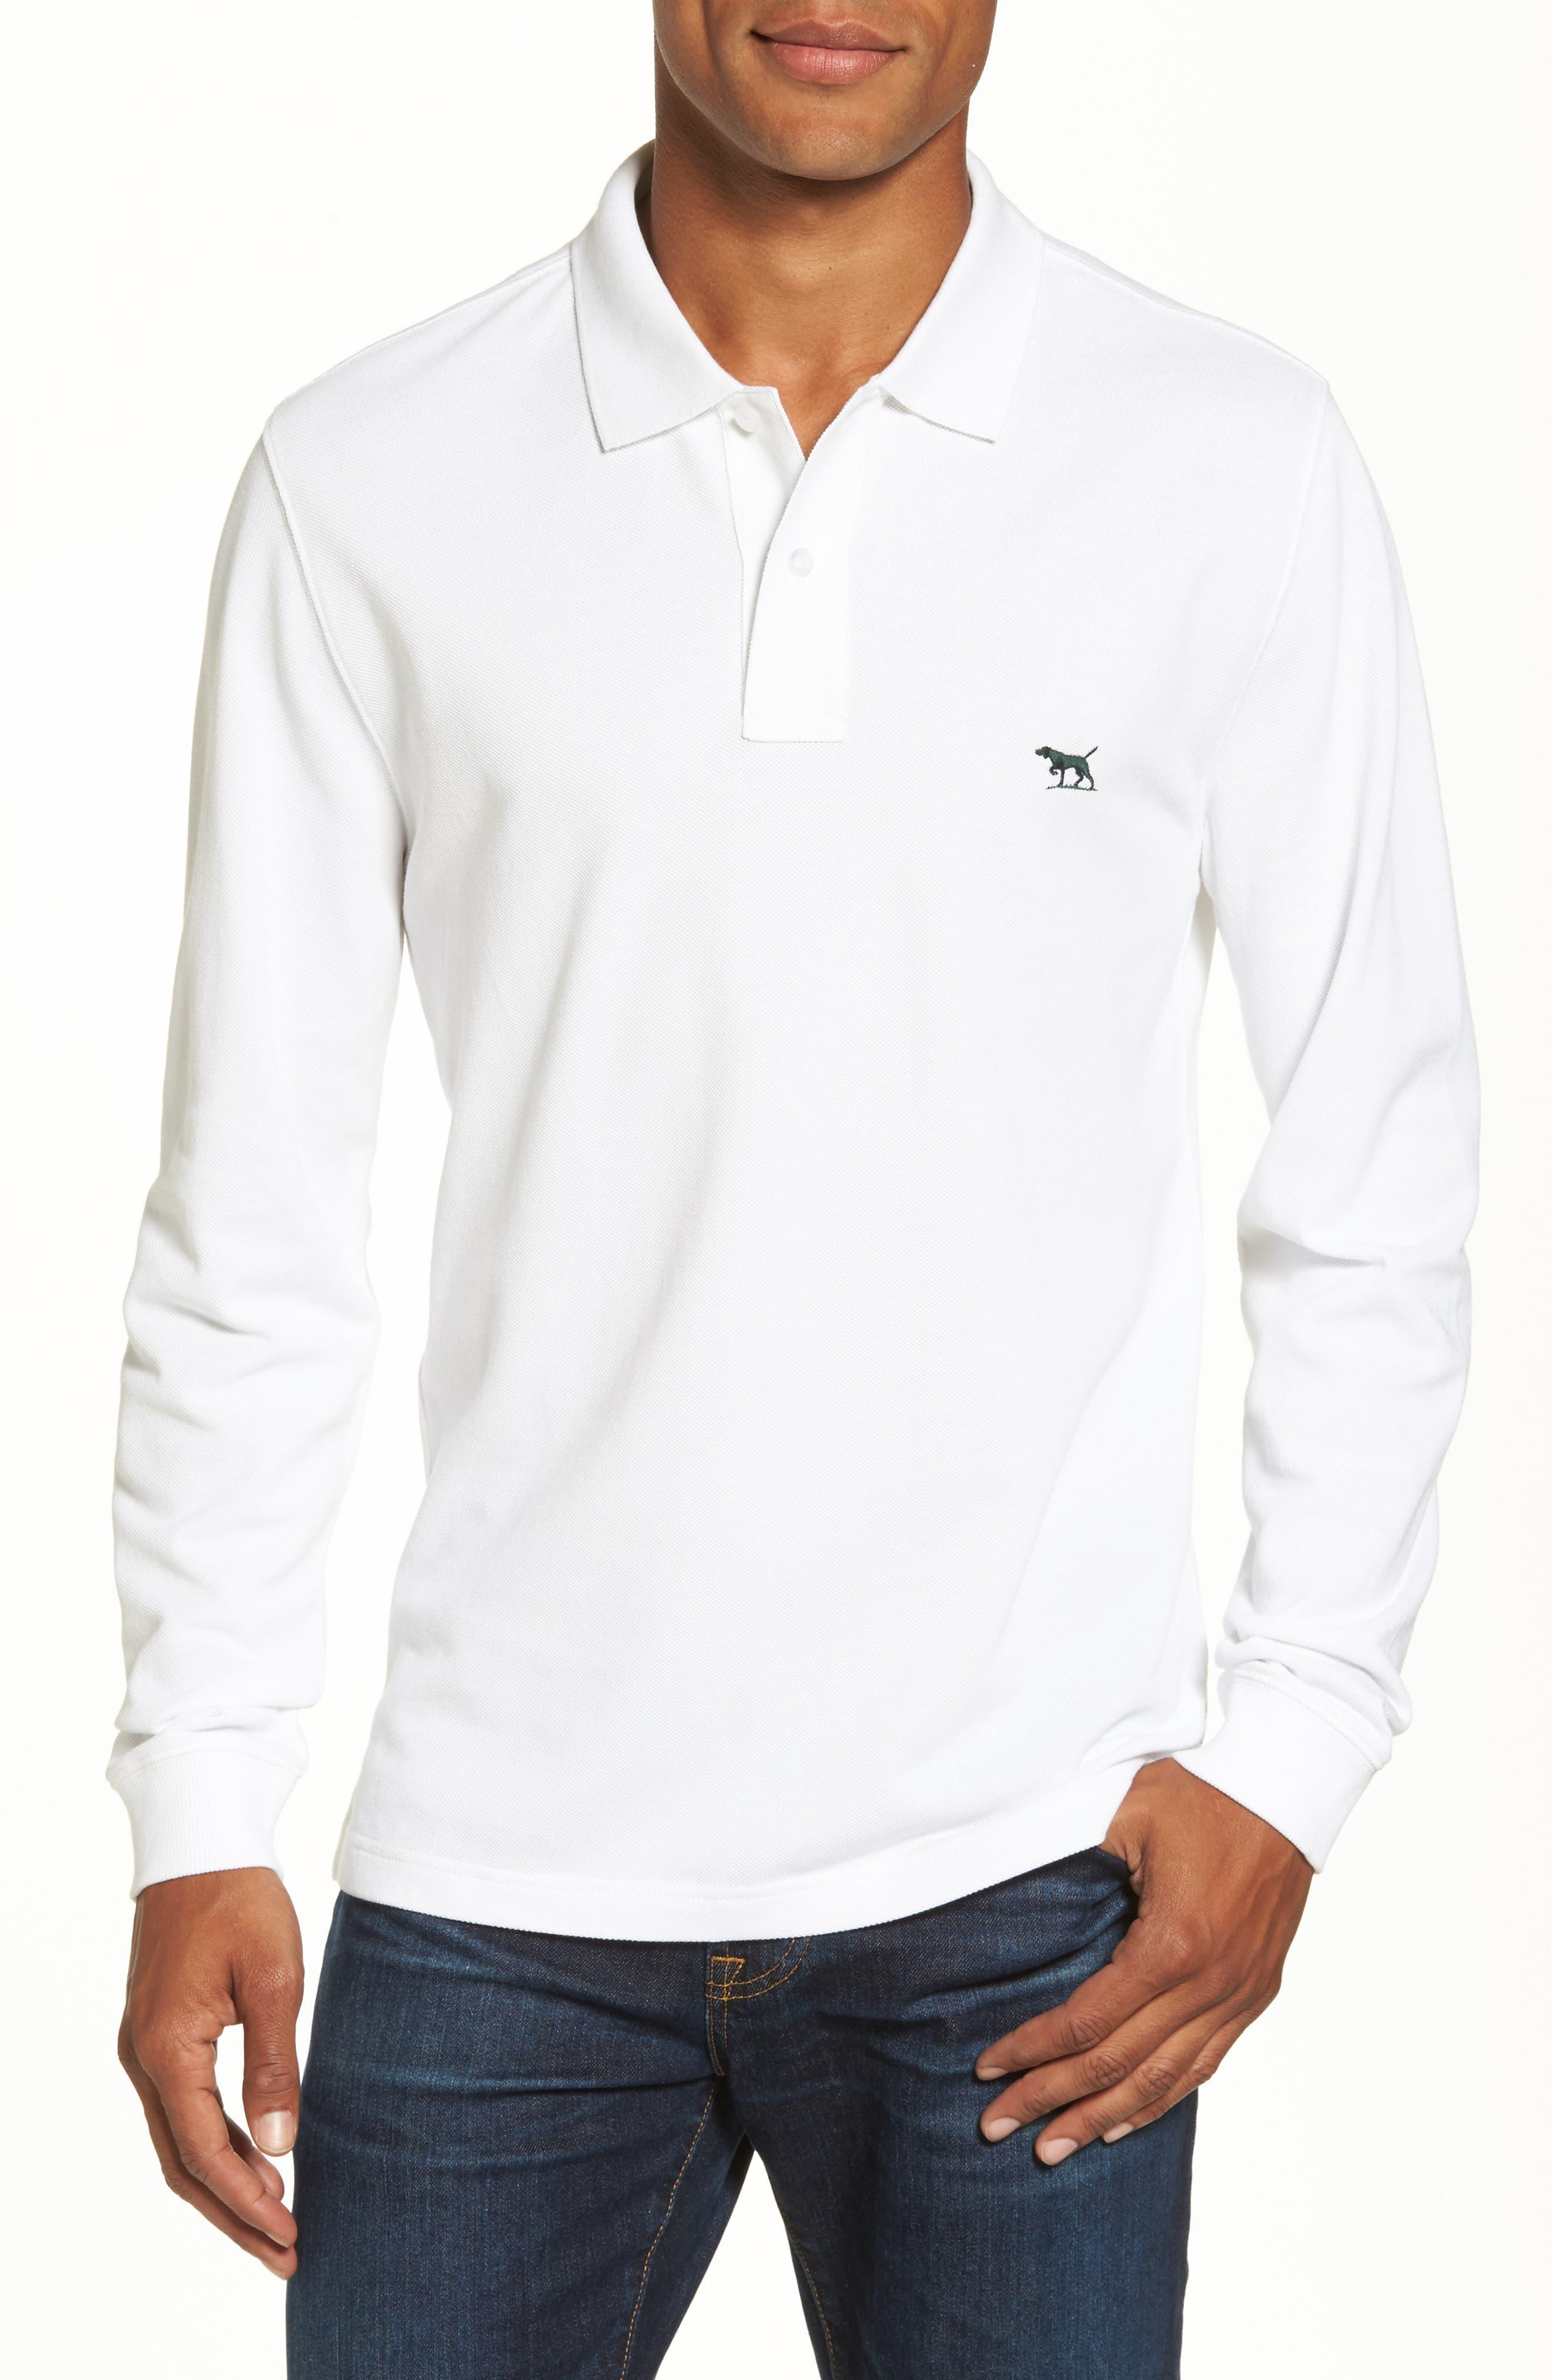 Gunn Piqué Polo,                         Main,                         color, White